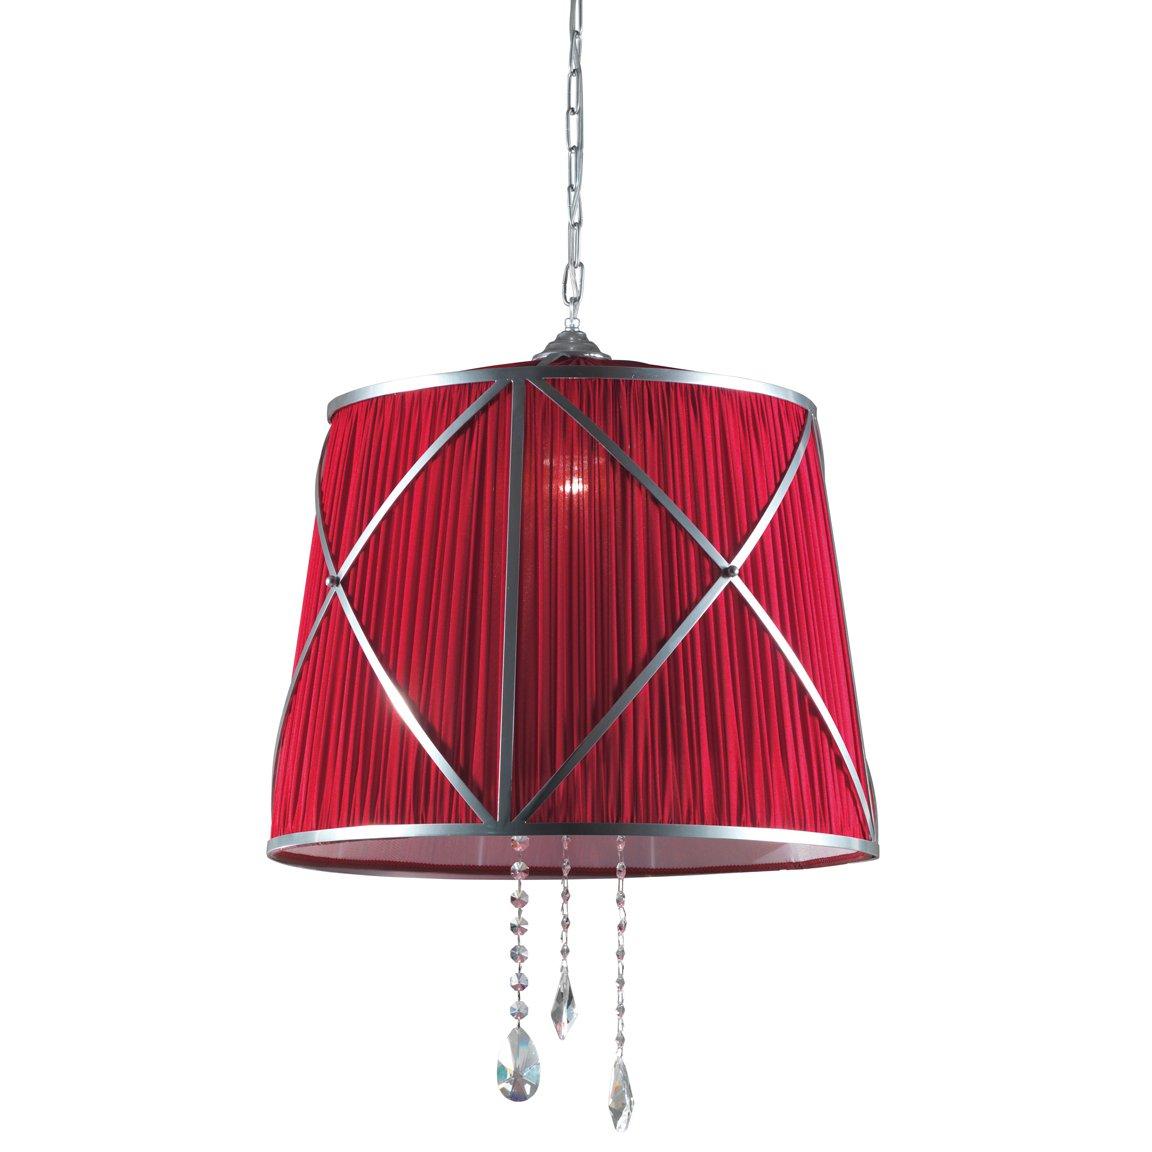 gro e pendelleuchte mit stoffschirm und swarovski kristallen. Black Bedroom Furniture Sets. Home Design Ideas